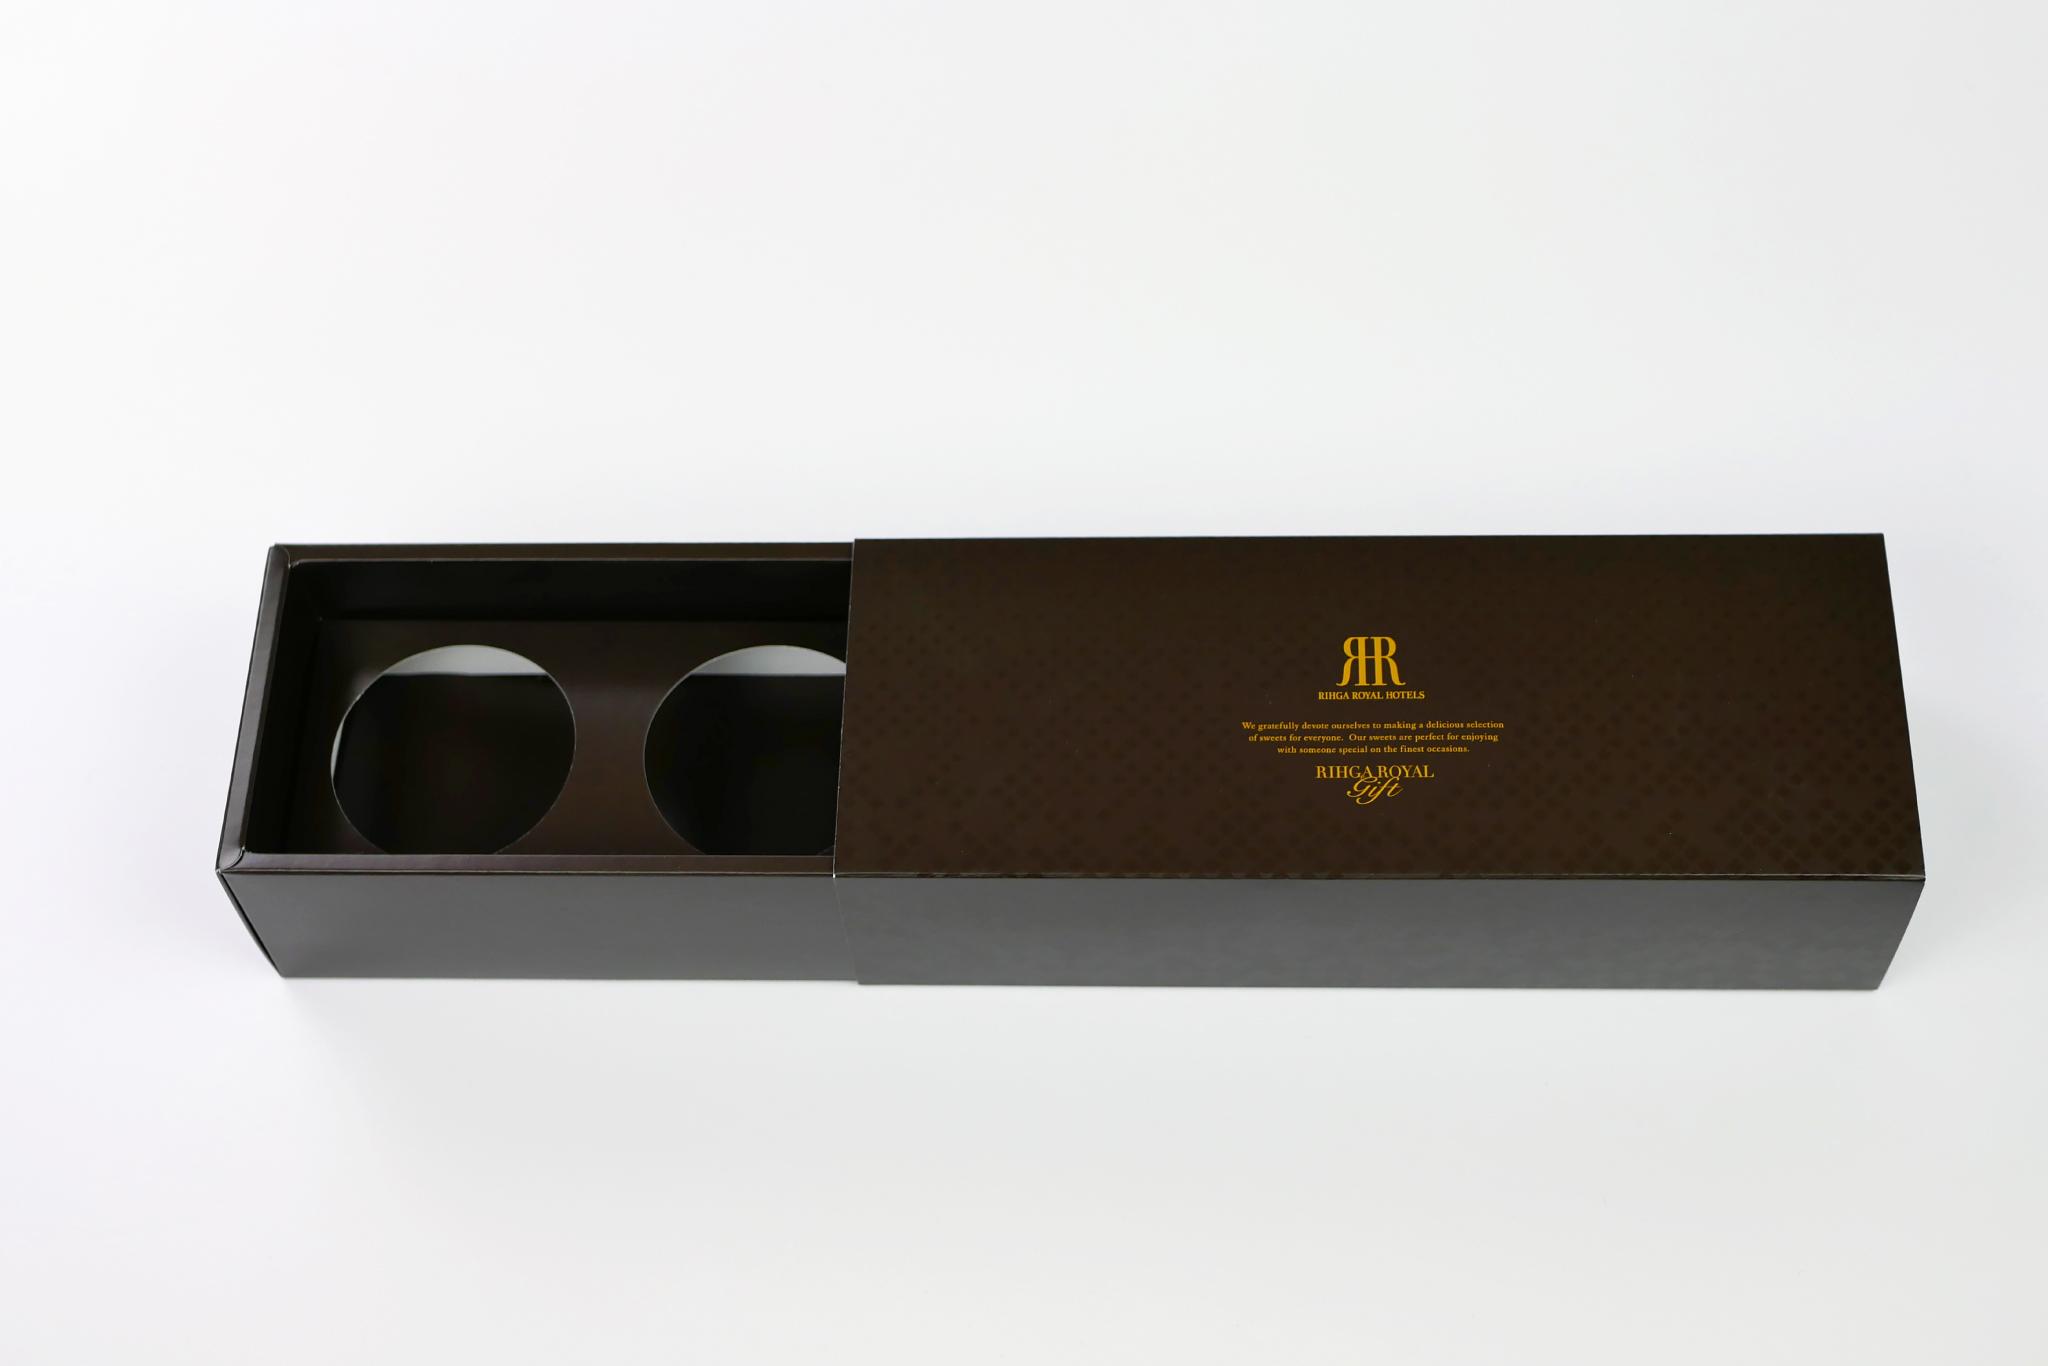 リーガロイヤルホテル様|ロイヤルカスタードプリン ギフトパッケージの写真です